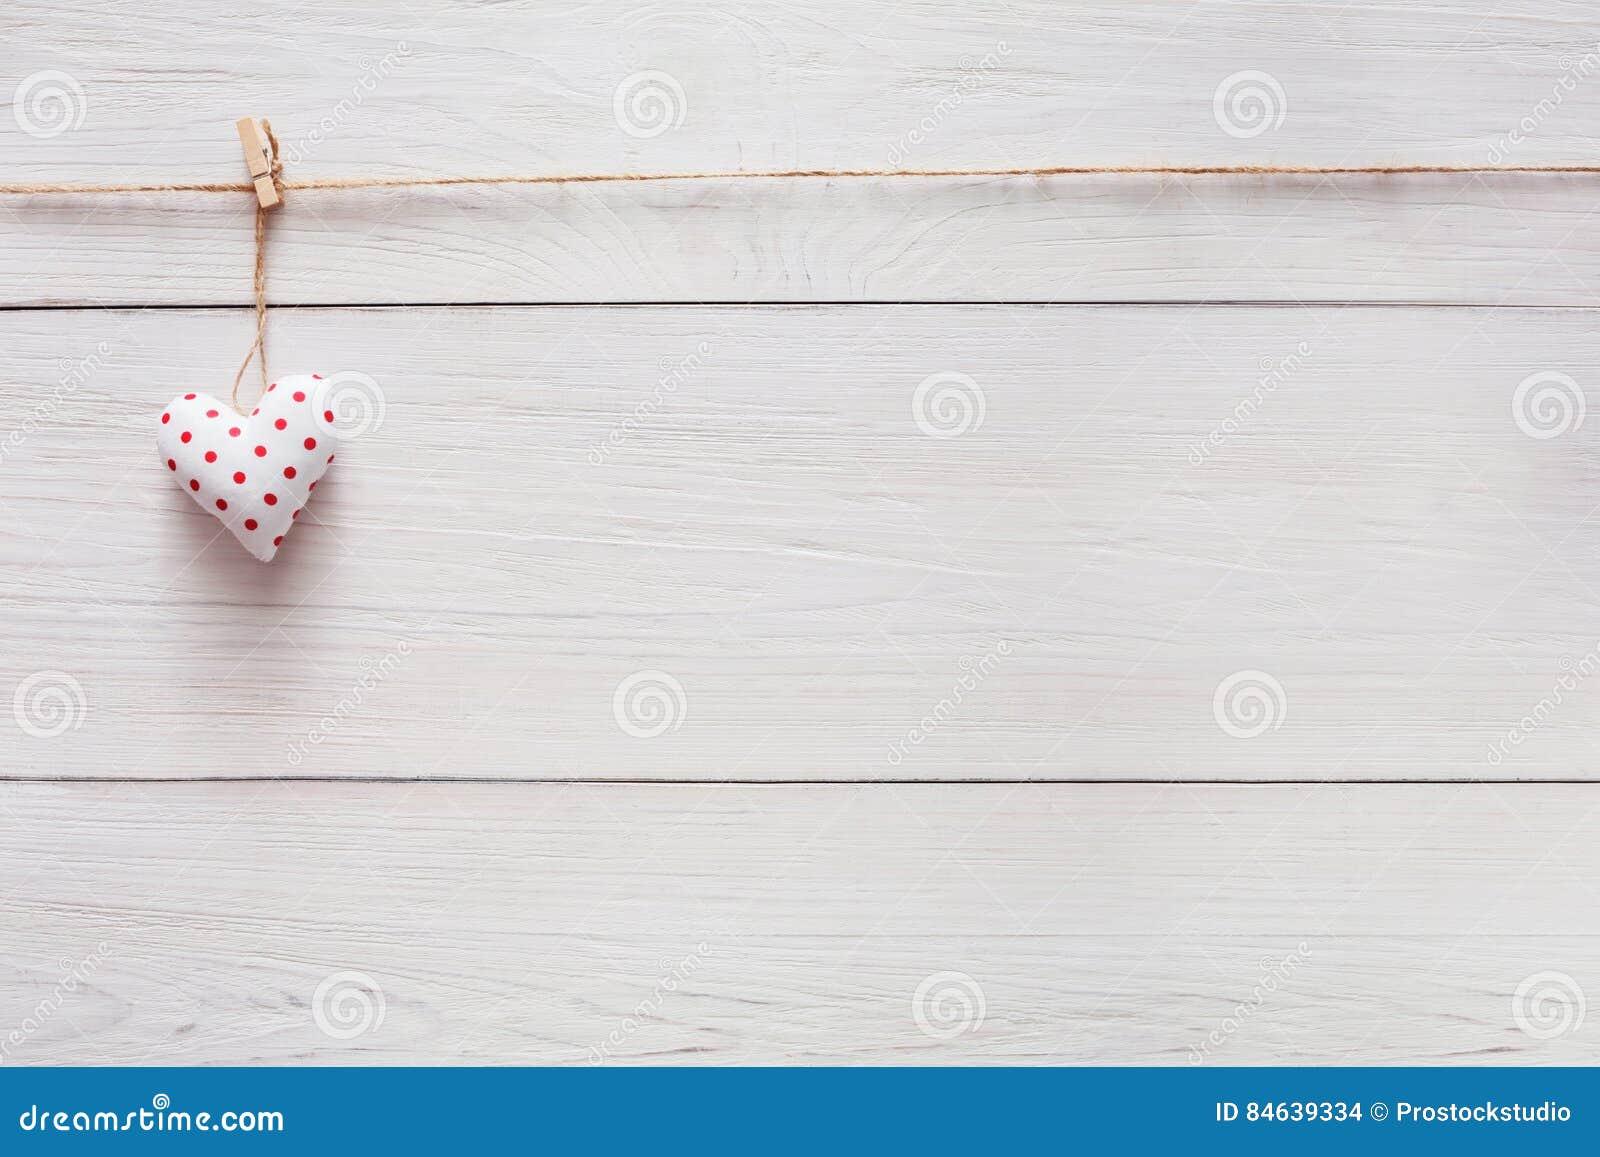 Walentynki Miłości Tło Poduszki Serce Na Drewnie Kopii Przestrzeń